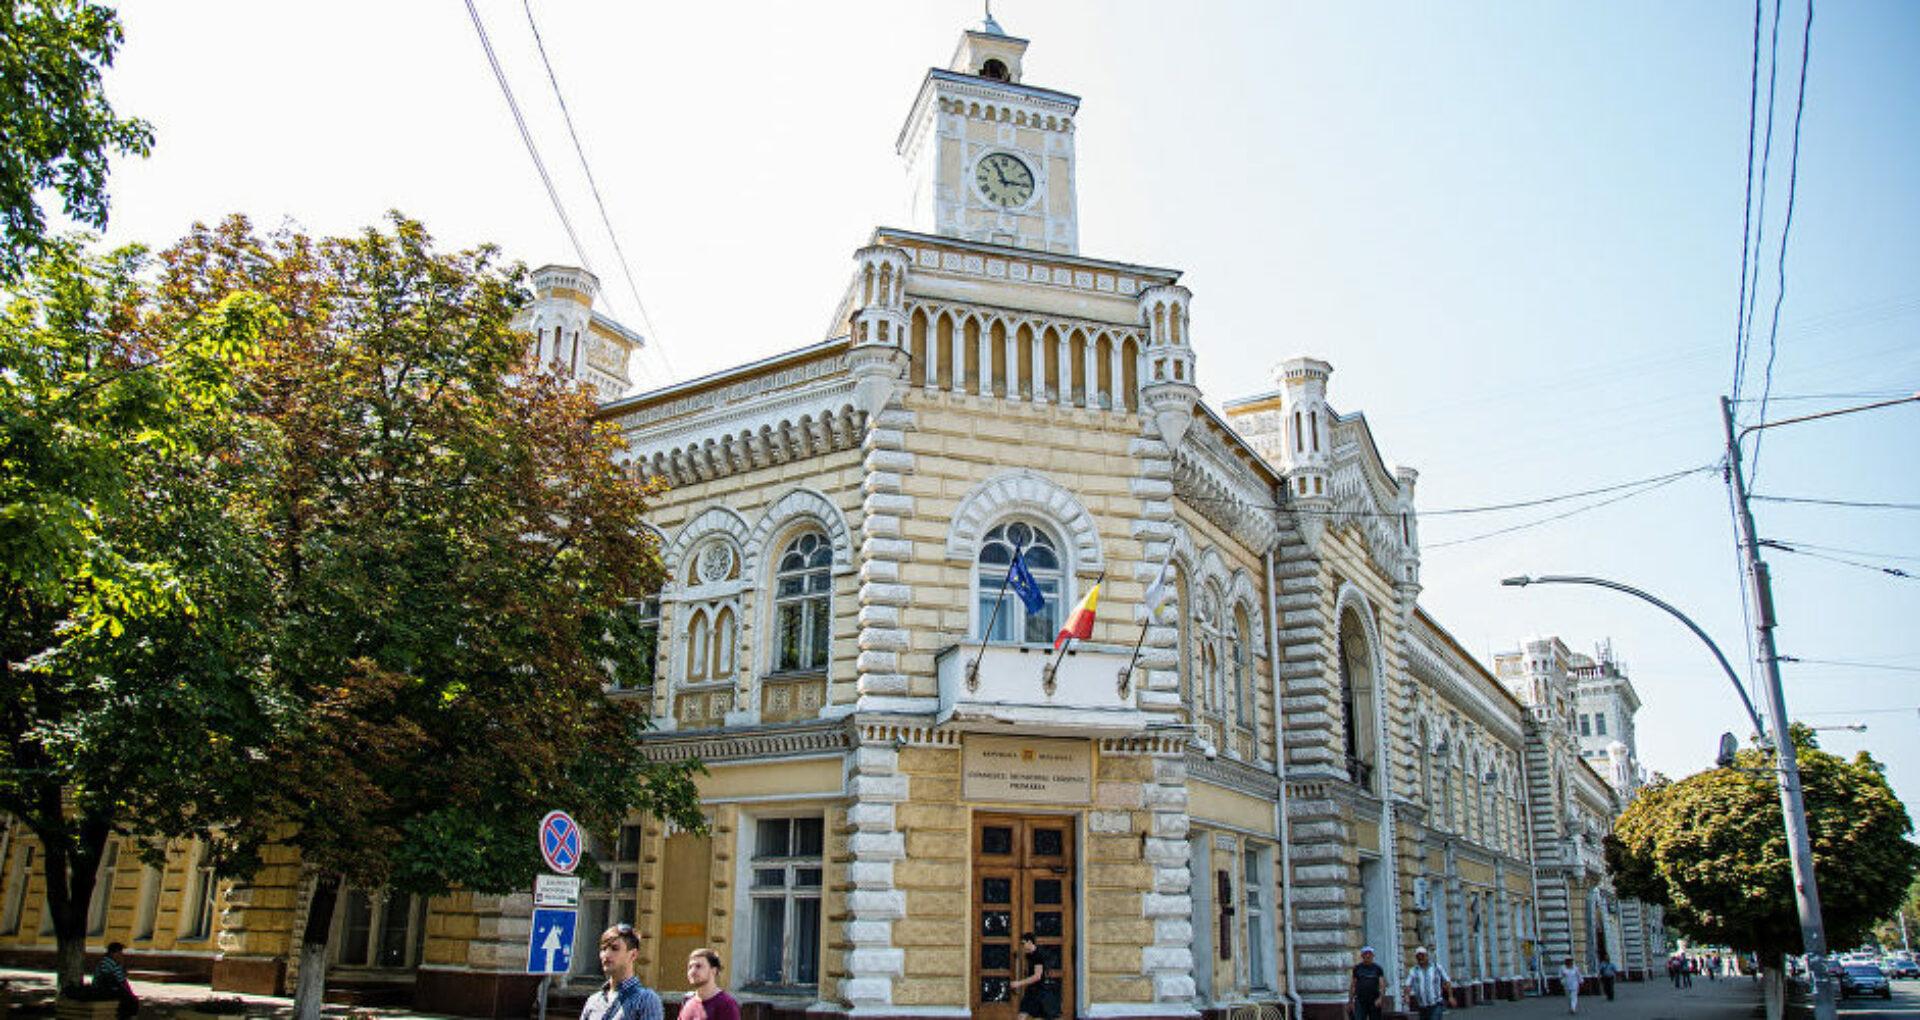 Comisia Extraordinară de Sănătate Publică a mun. Chișinău s-a întrunit în ședință. Lista deciziilor luate